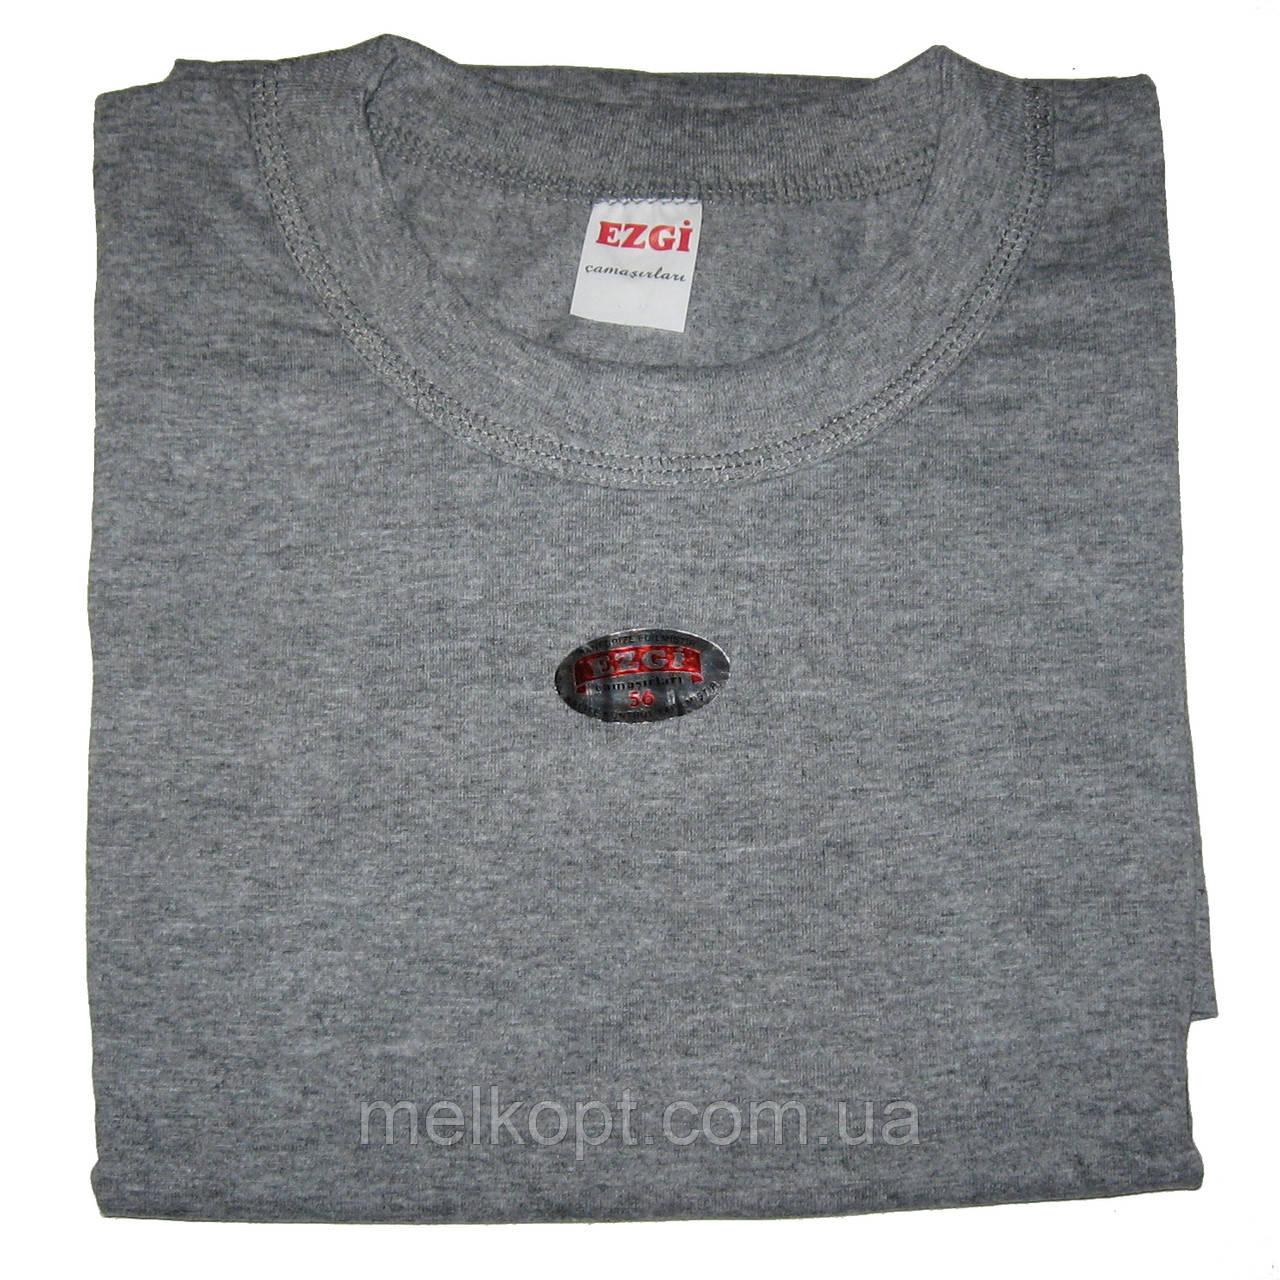 Чоловічі футболки Ezgi - 63,00 грн./шт. (66-й розмір, сірі)